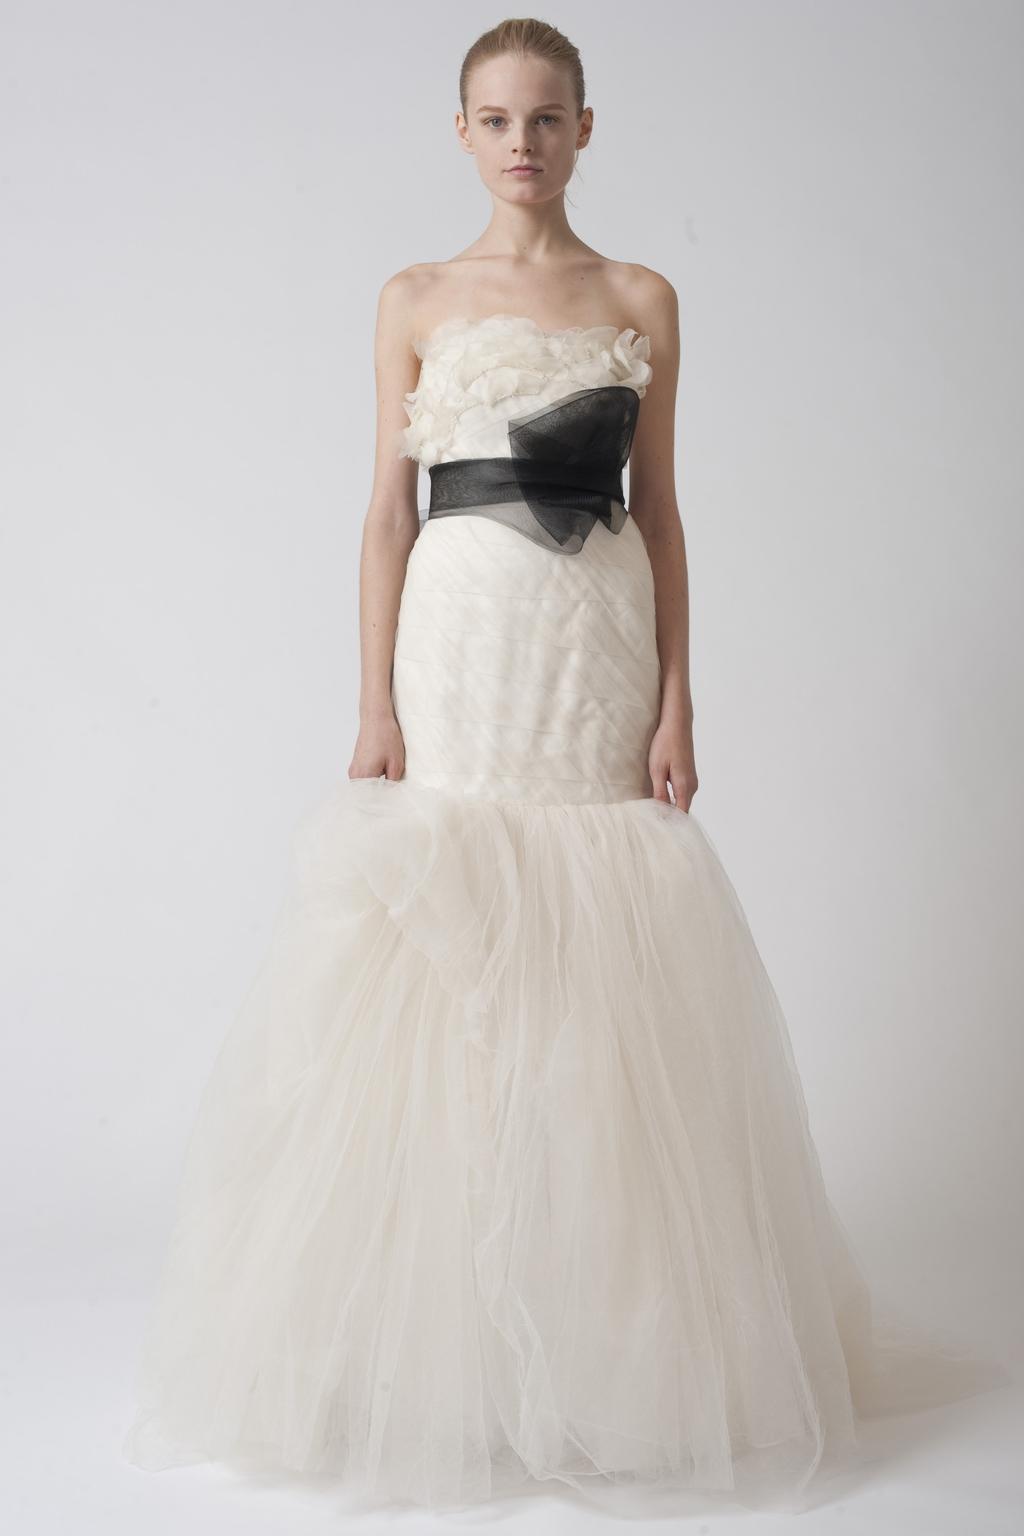 Vera-wang-wedding-dresses-fall-2010-1.full